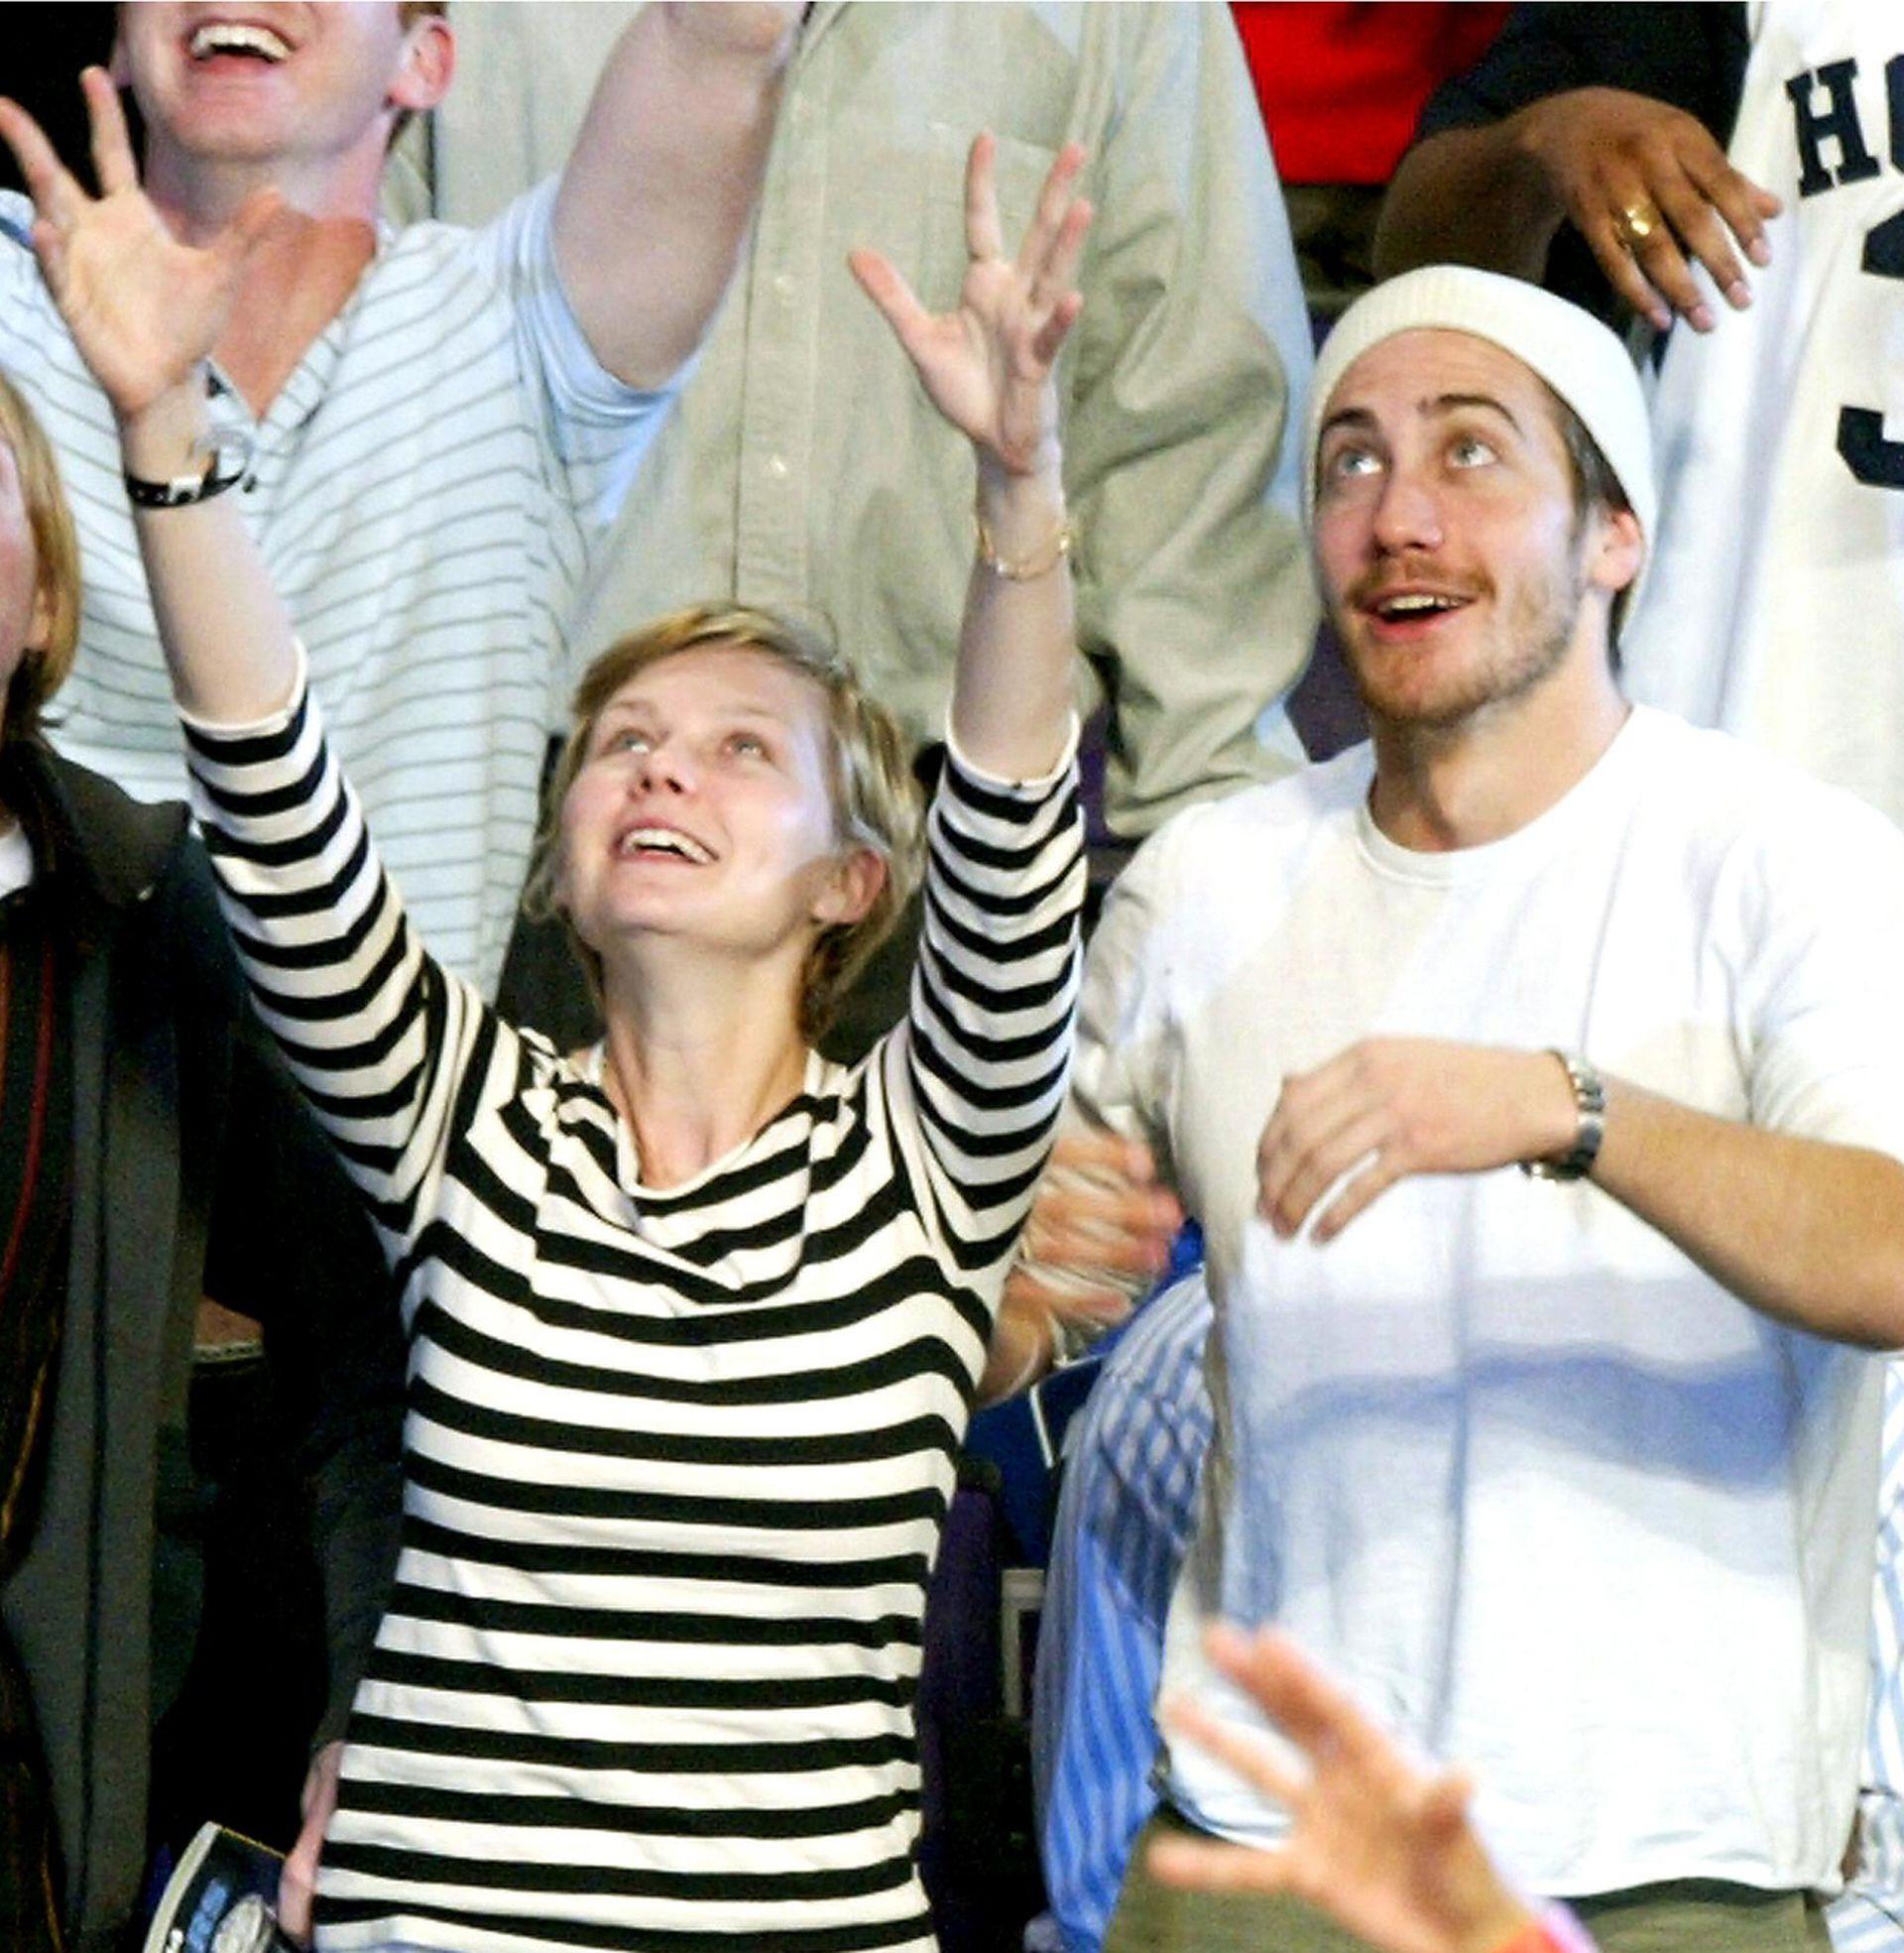 Kirsten junto a Jake Gyllenhall, intentando agarrar una remera durante un partido de basket